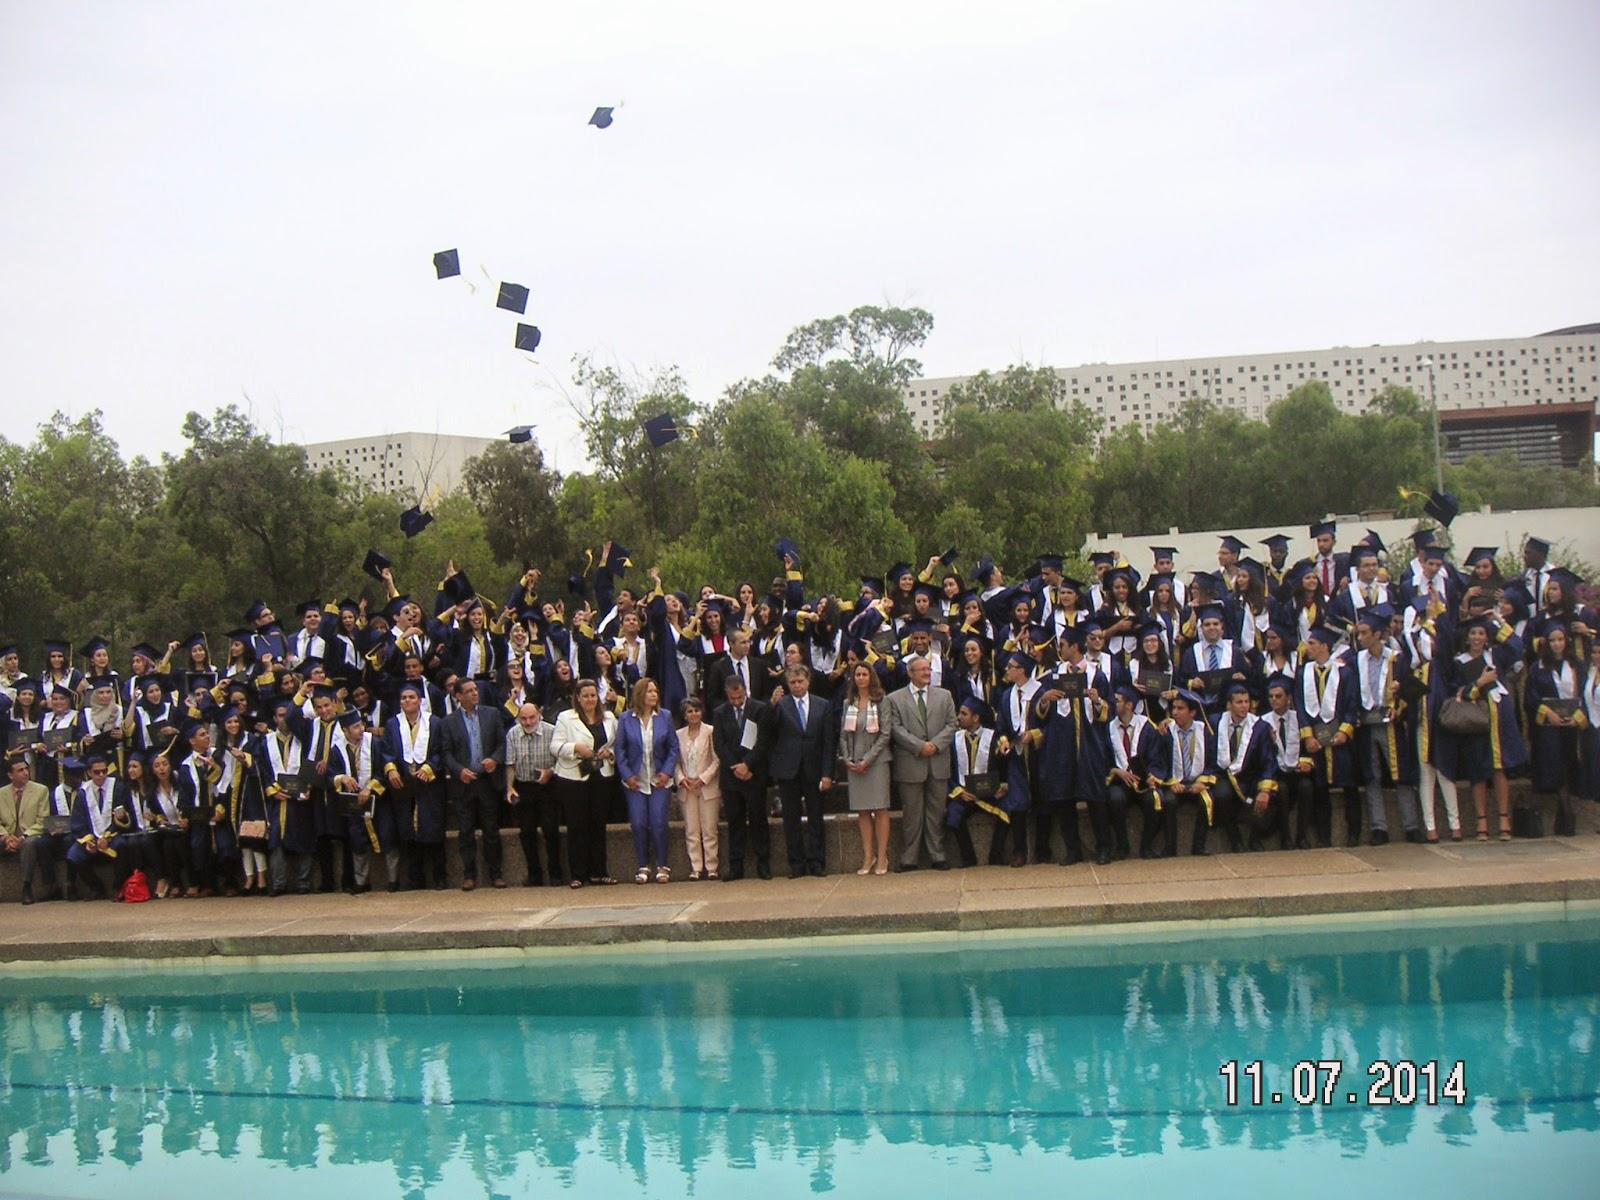 حفل تخرج الفوج 41 لمجموعة المعهد العالي للتجارة وإدارة المقاولات الدار البيضاء - ISCAE